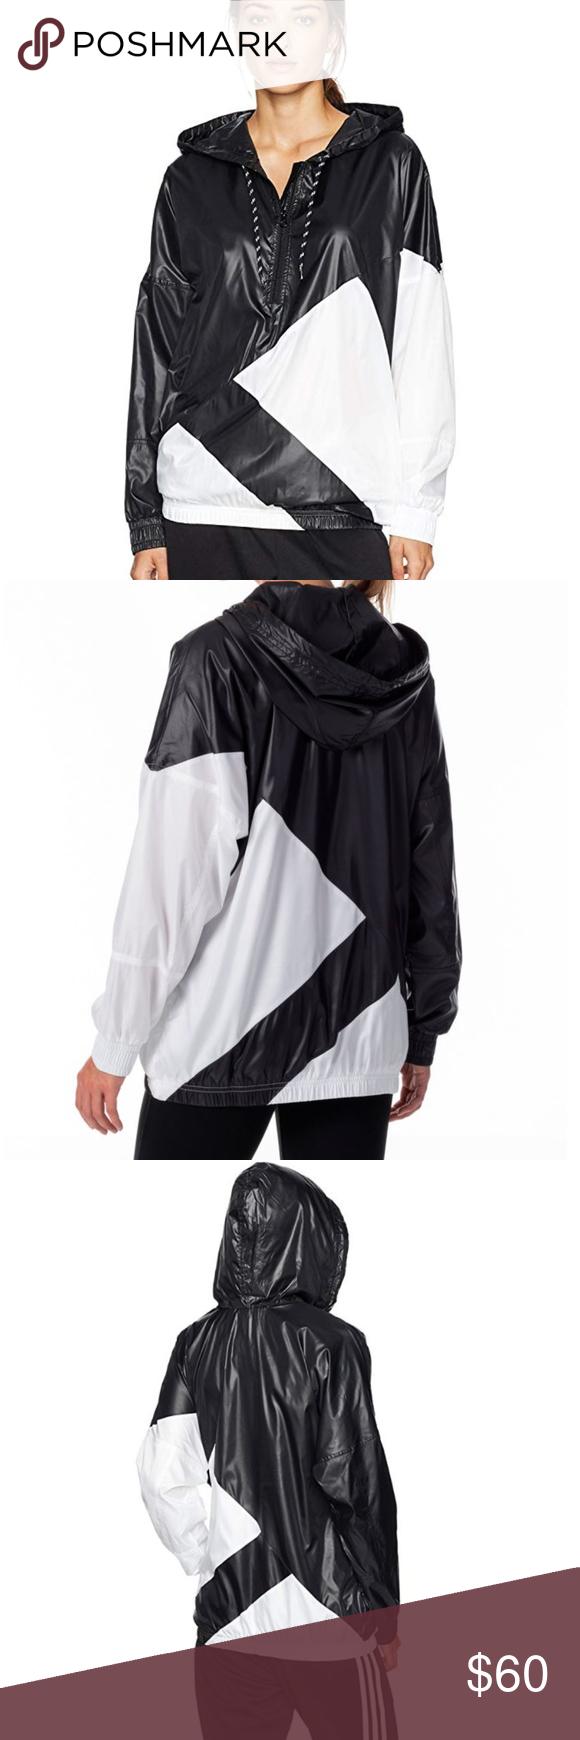 4a548da77189 adidas Originals EQT Windbreaker Jacket NWT XS adidas Originals Women s  Pullover EQT Windbreaker Jacket